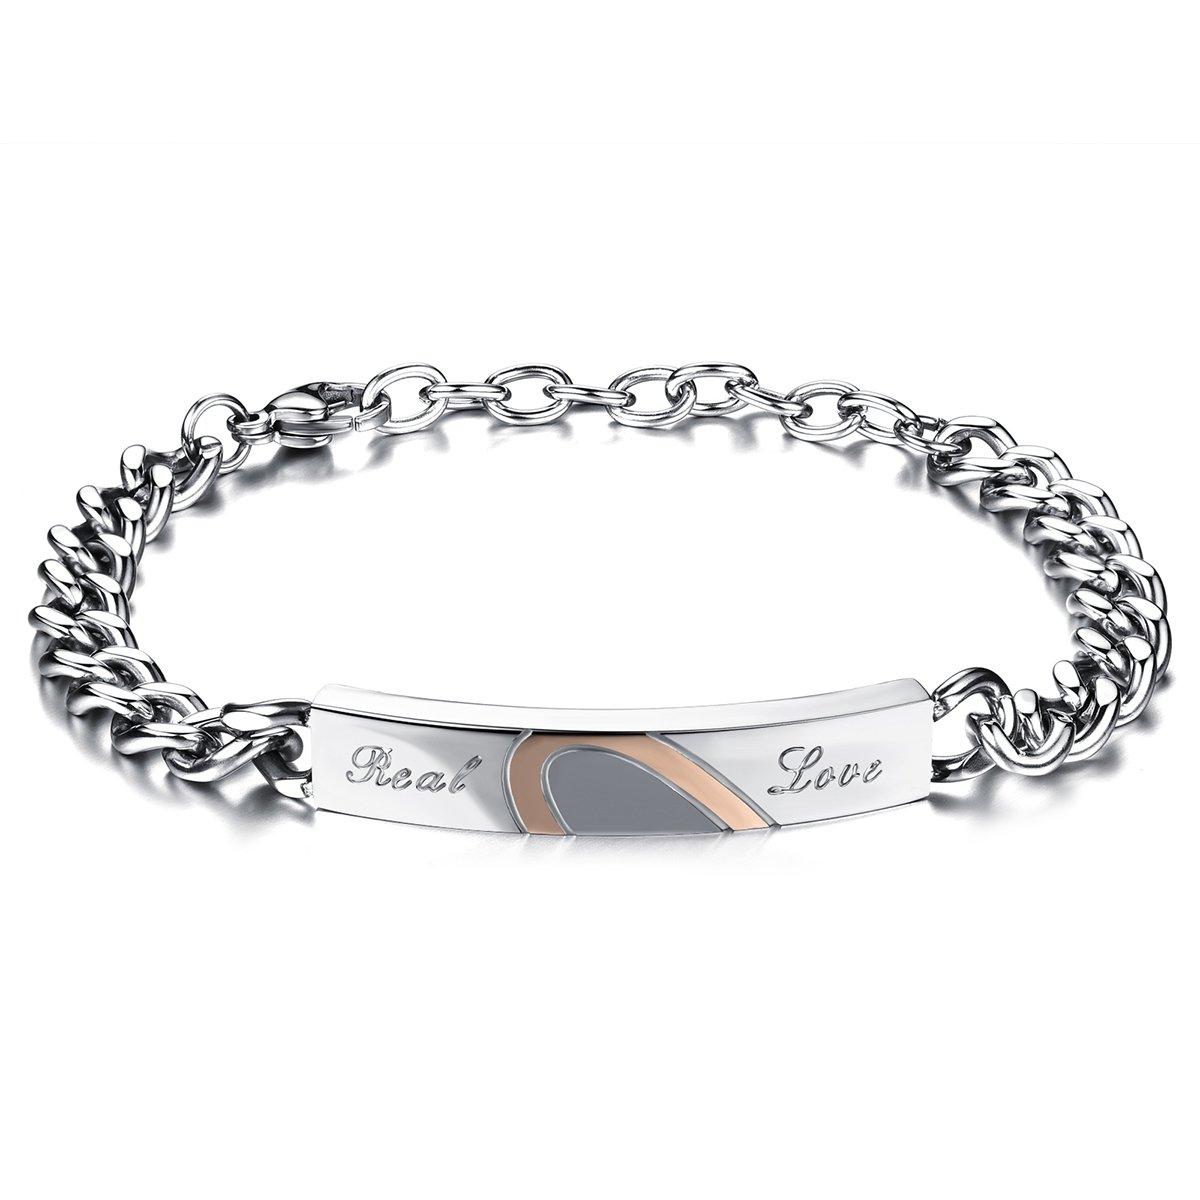 Bracelet homme femme st valentin